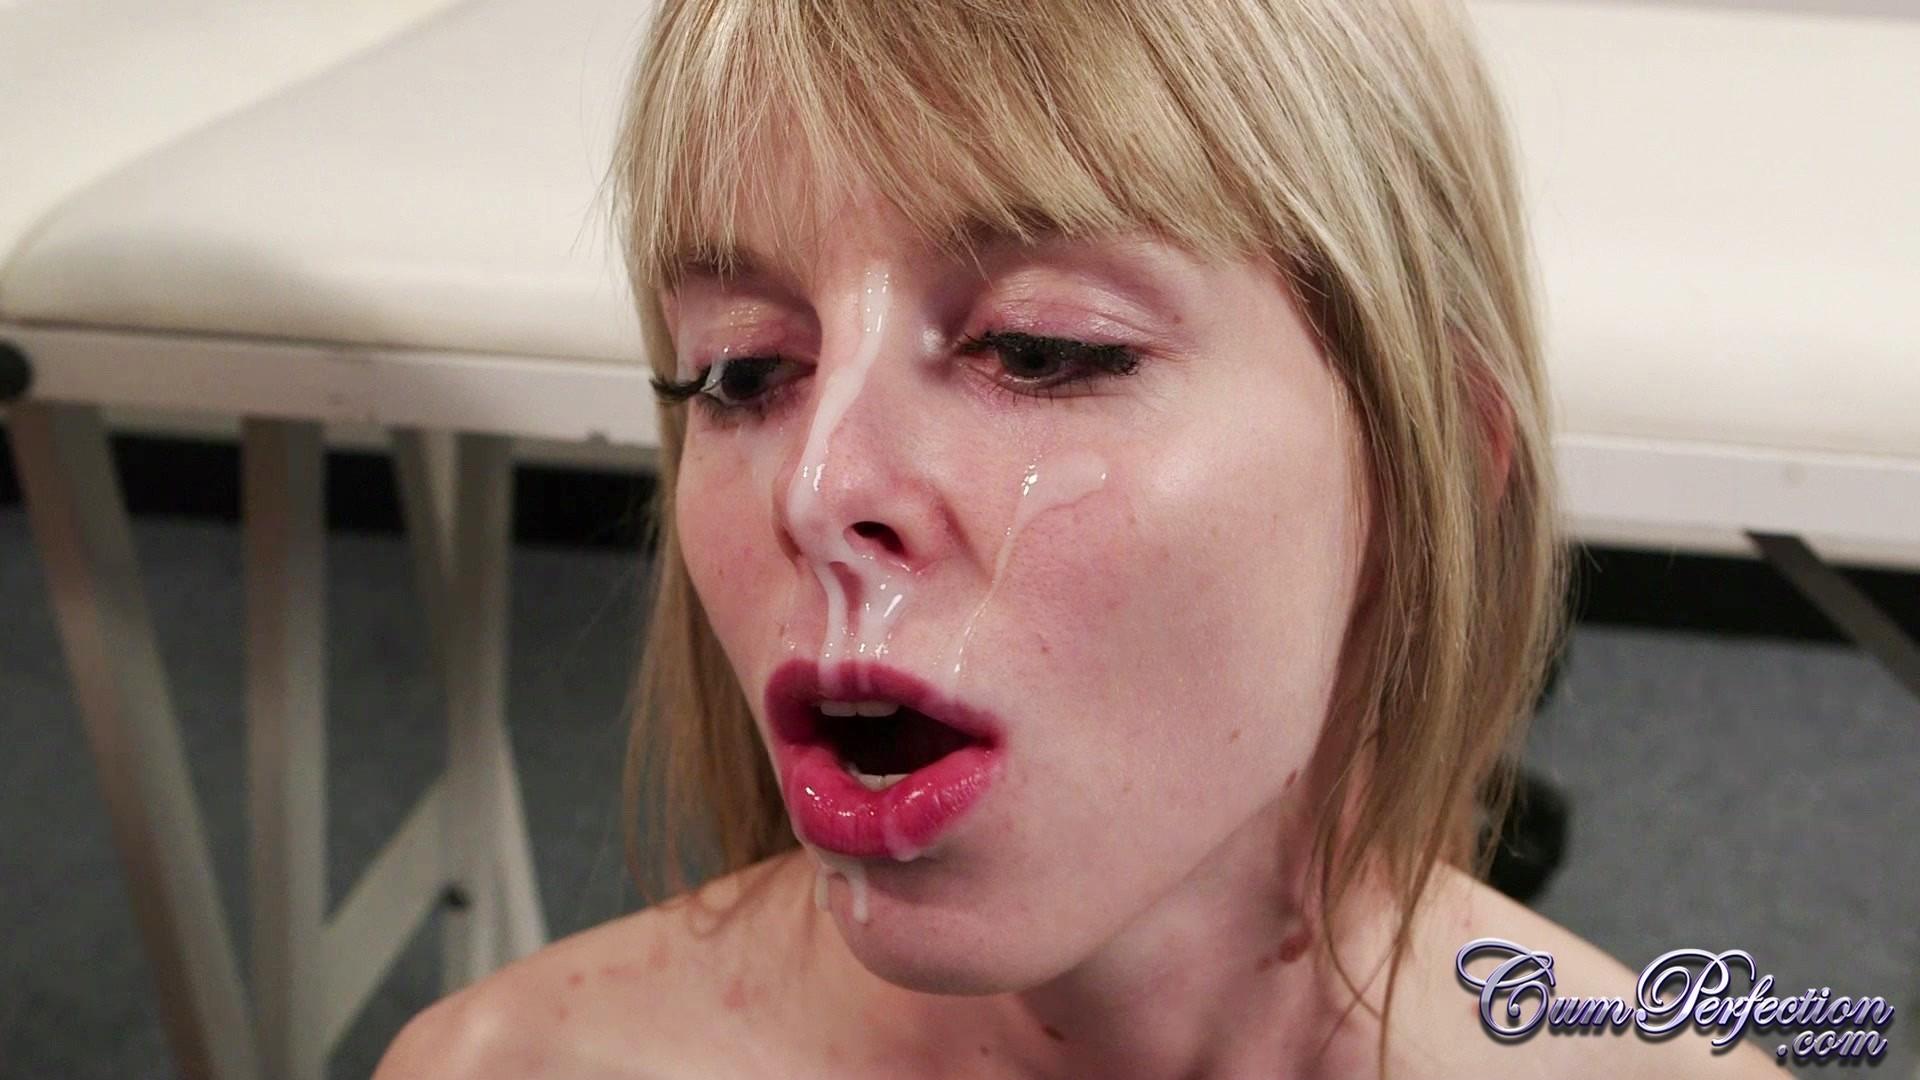 Юные лесбиянки с влажными щелками радуются сперме у них на лице